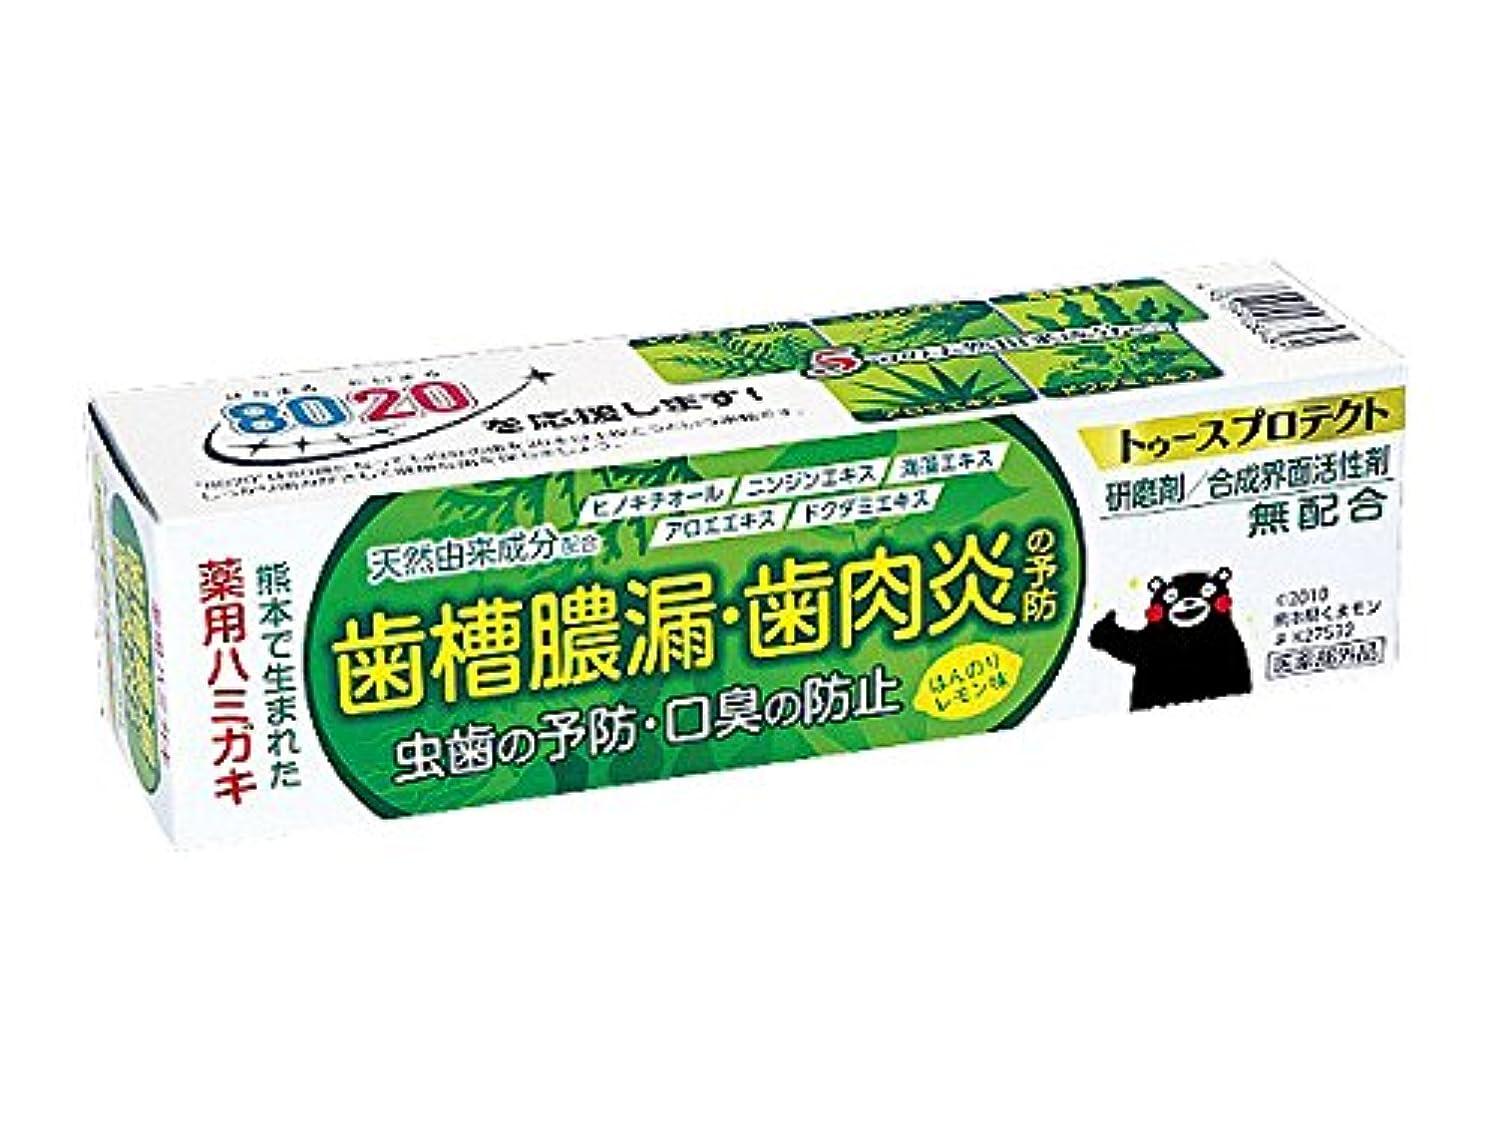 弾薬有益作るトゥースプロテクト100g [医薬部外品]